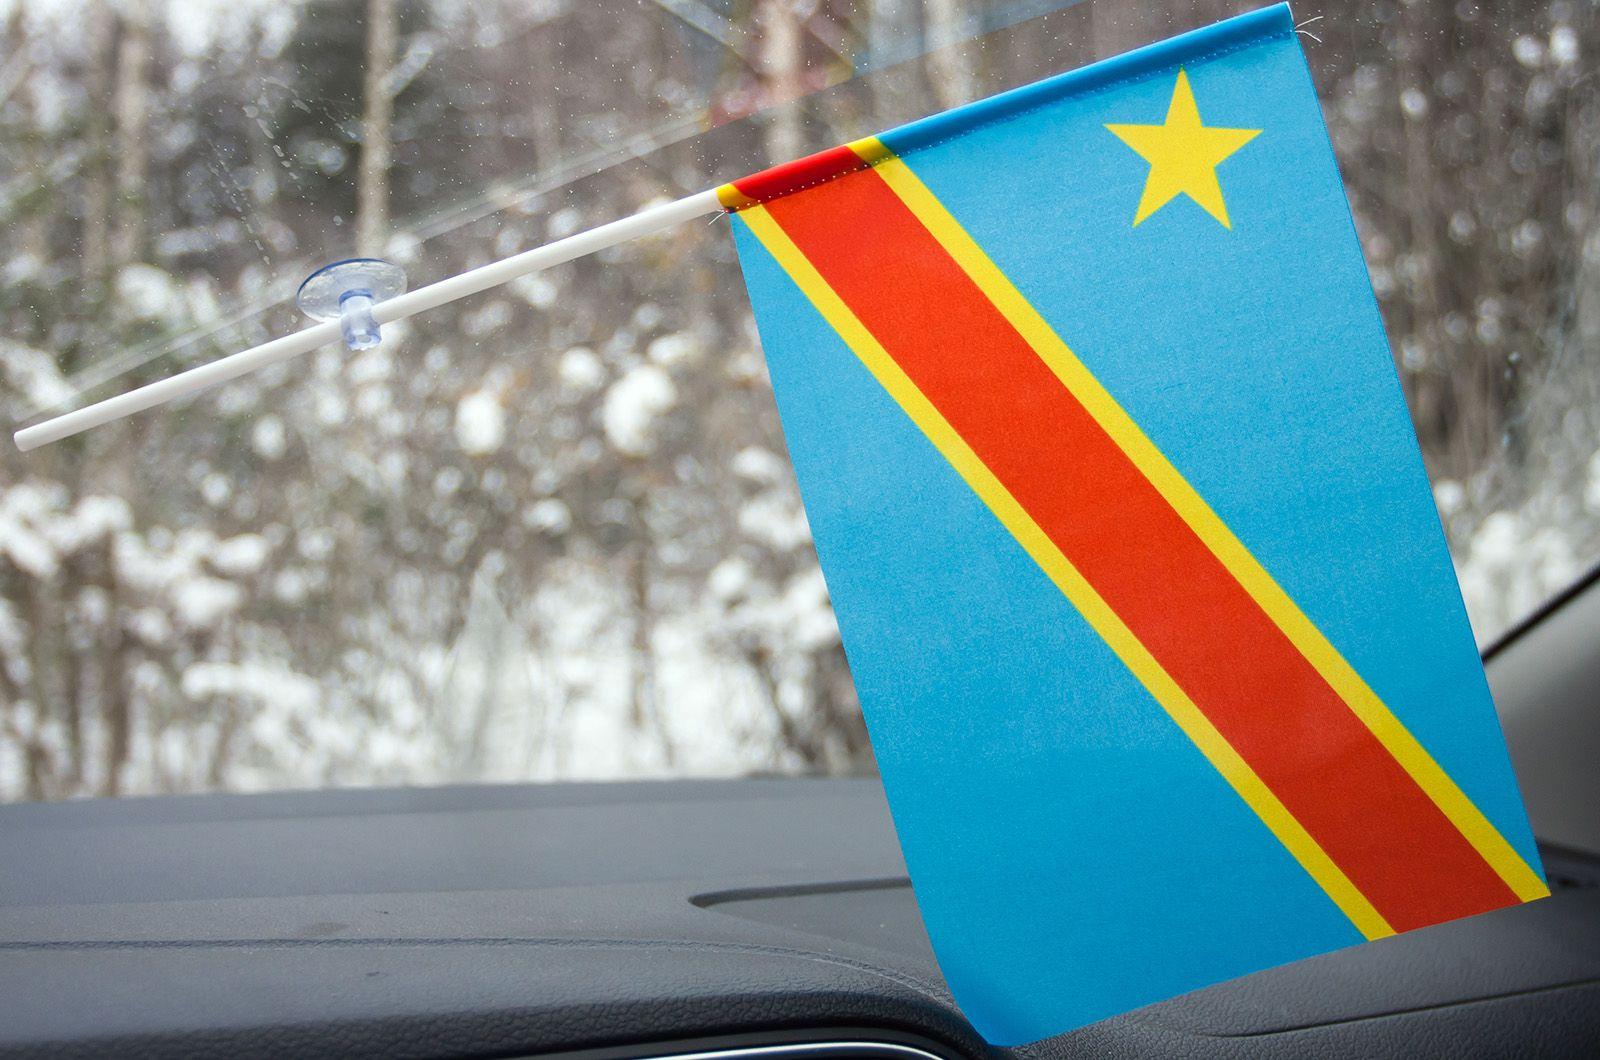 Флажок Демократической республики Конго в машину